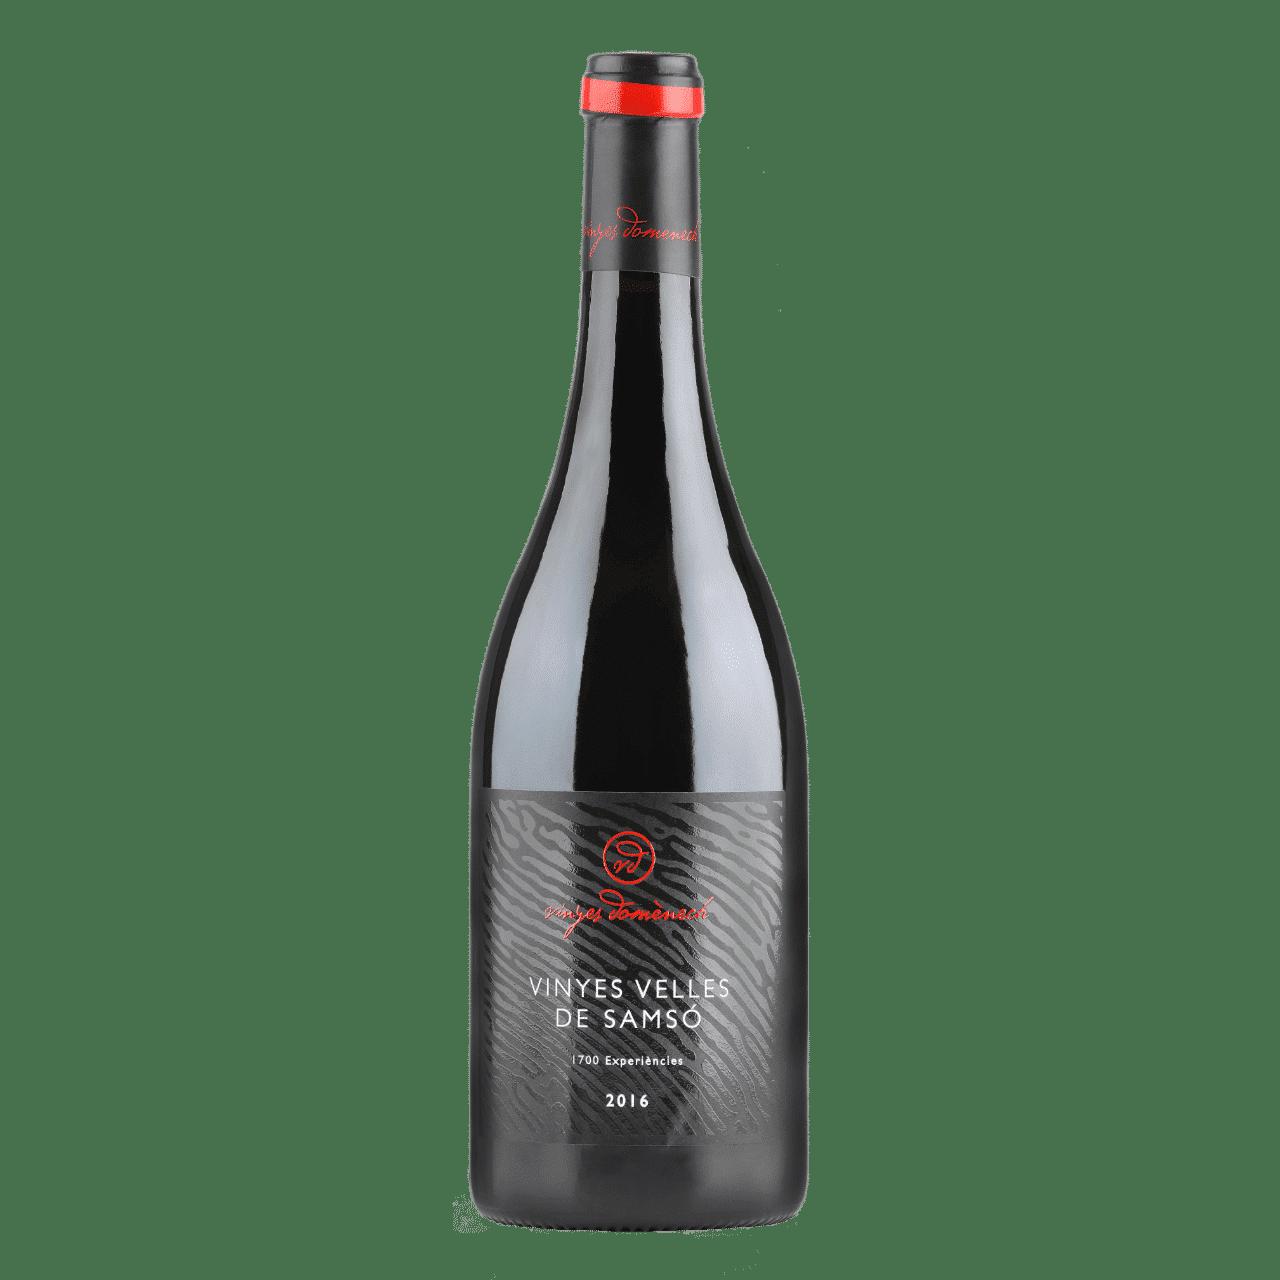 vins-vinyesVellesSamso